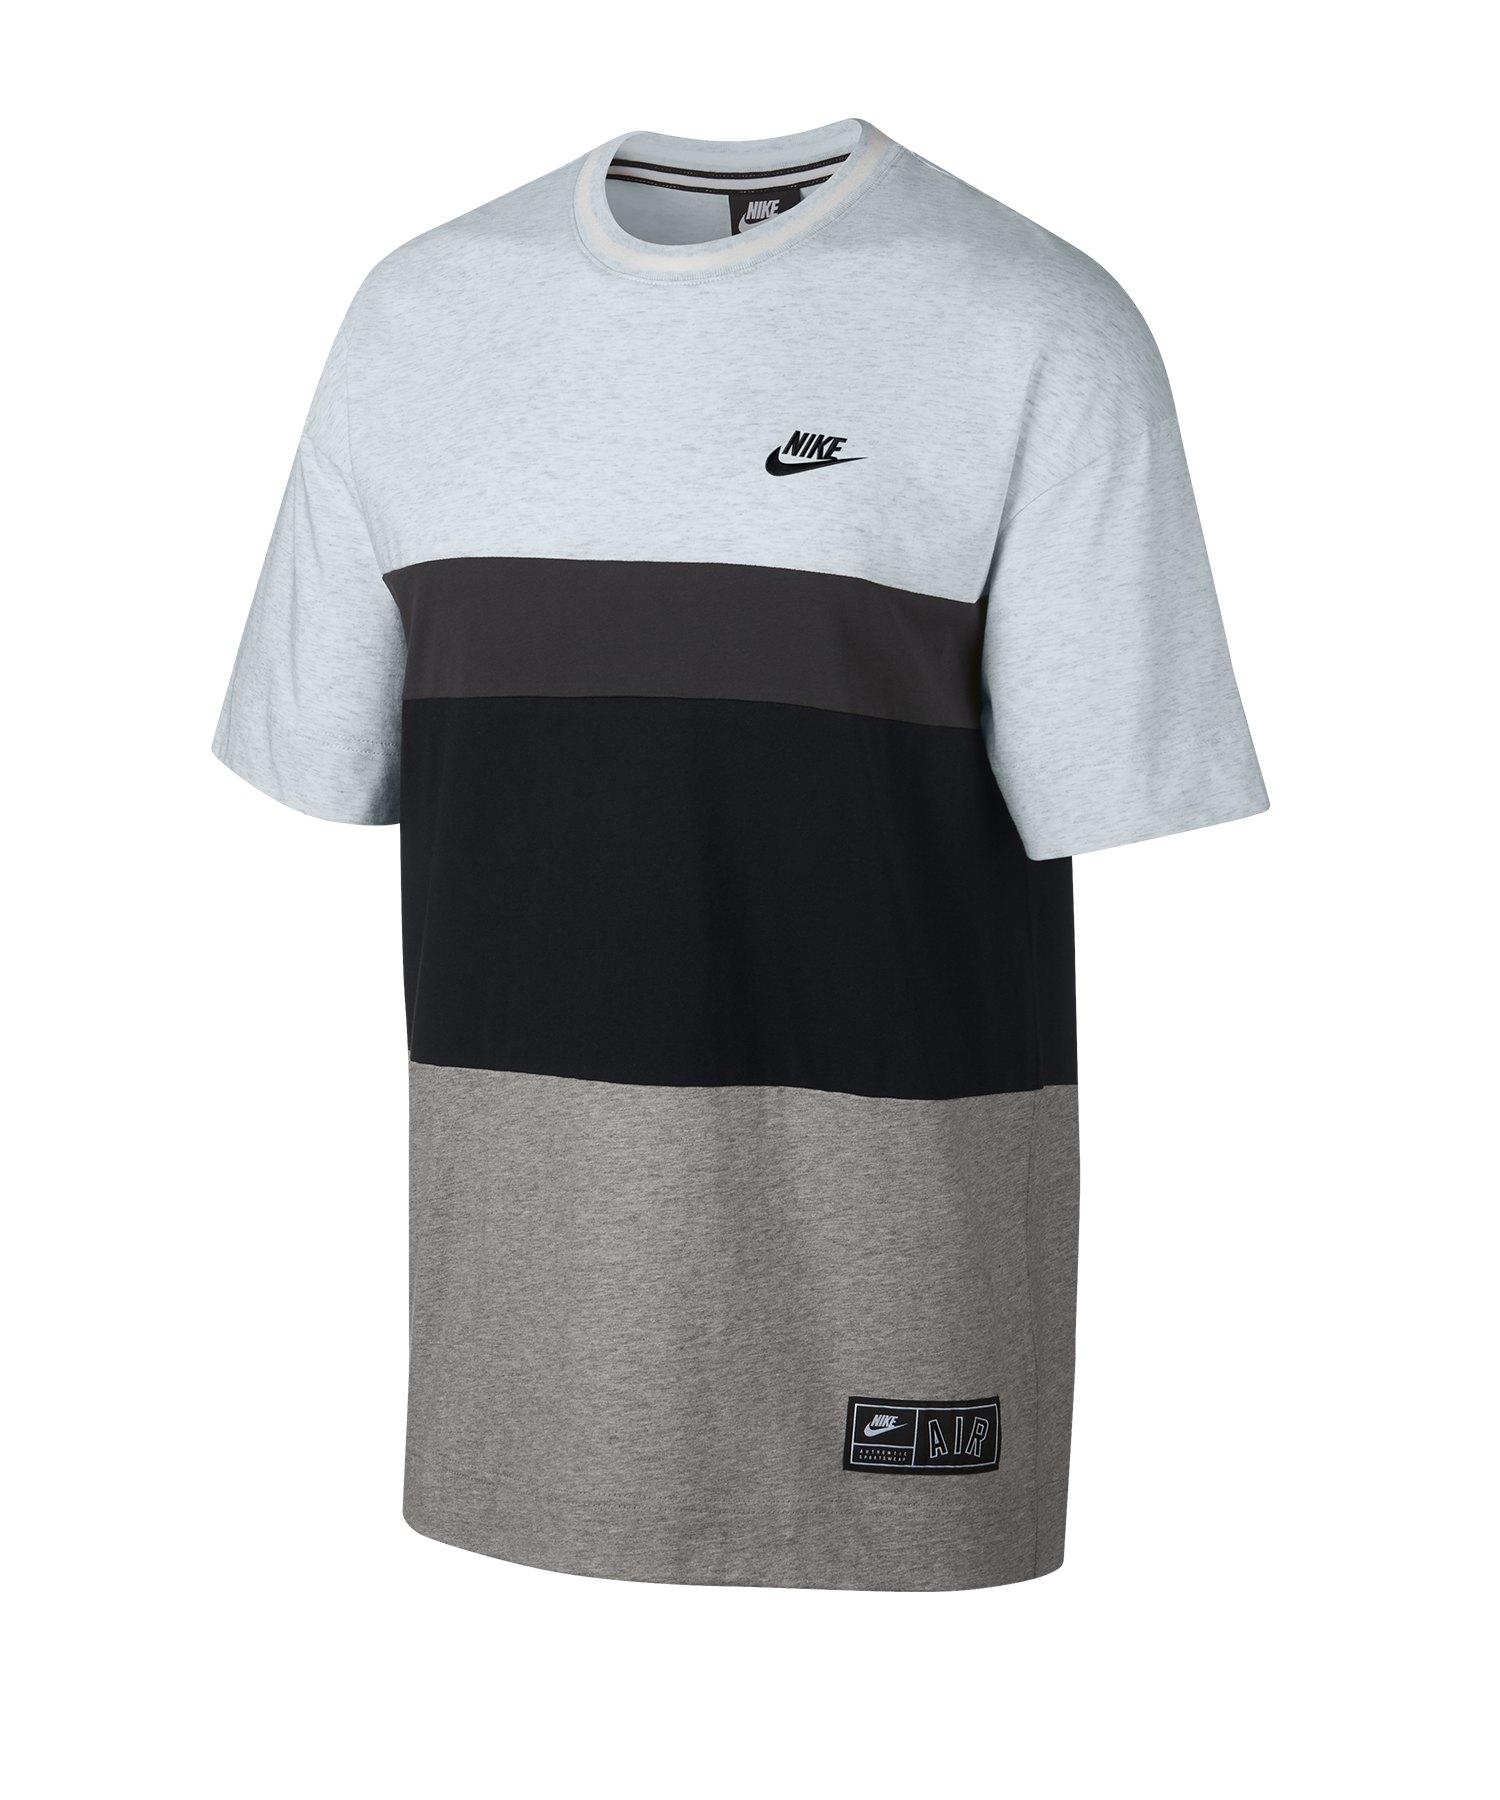 Nike Air T-Shirt Schwarz Grau Blau F051 - schwarz